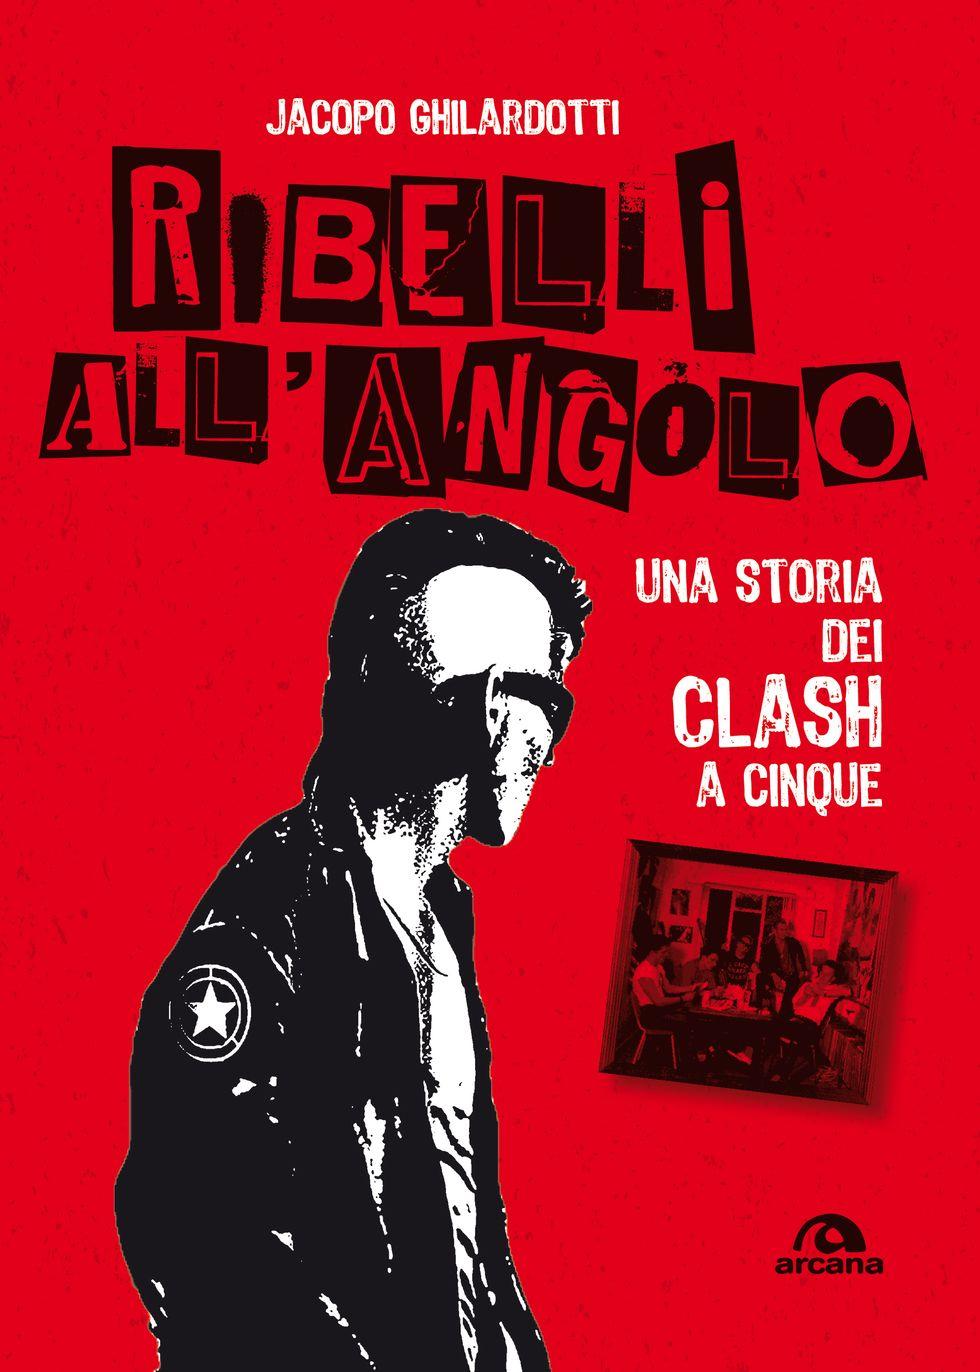 Ribelli all'angolo: la vera (e surreale) storia dei Clash a cinque